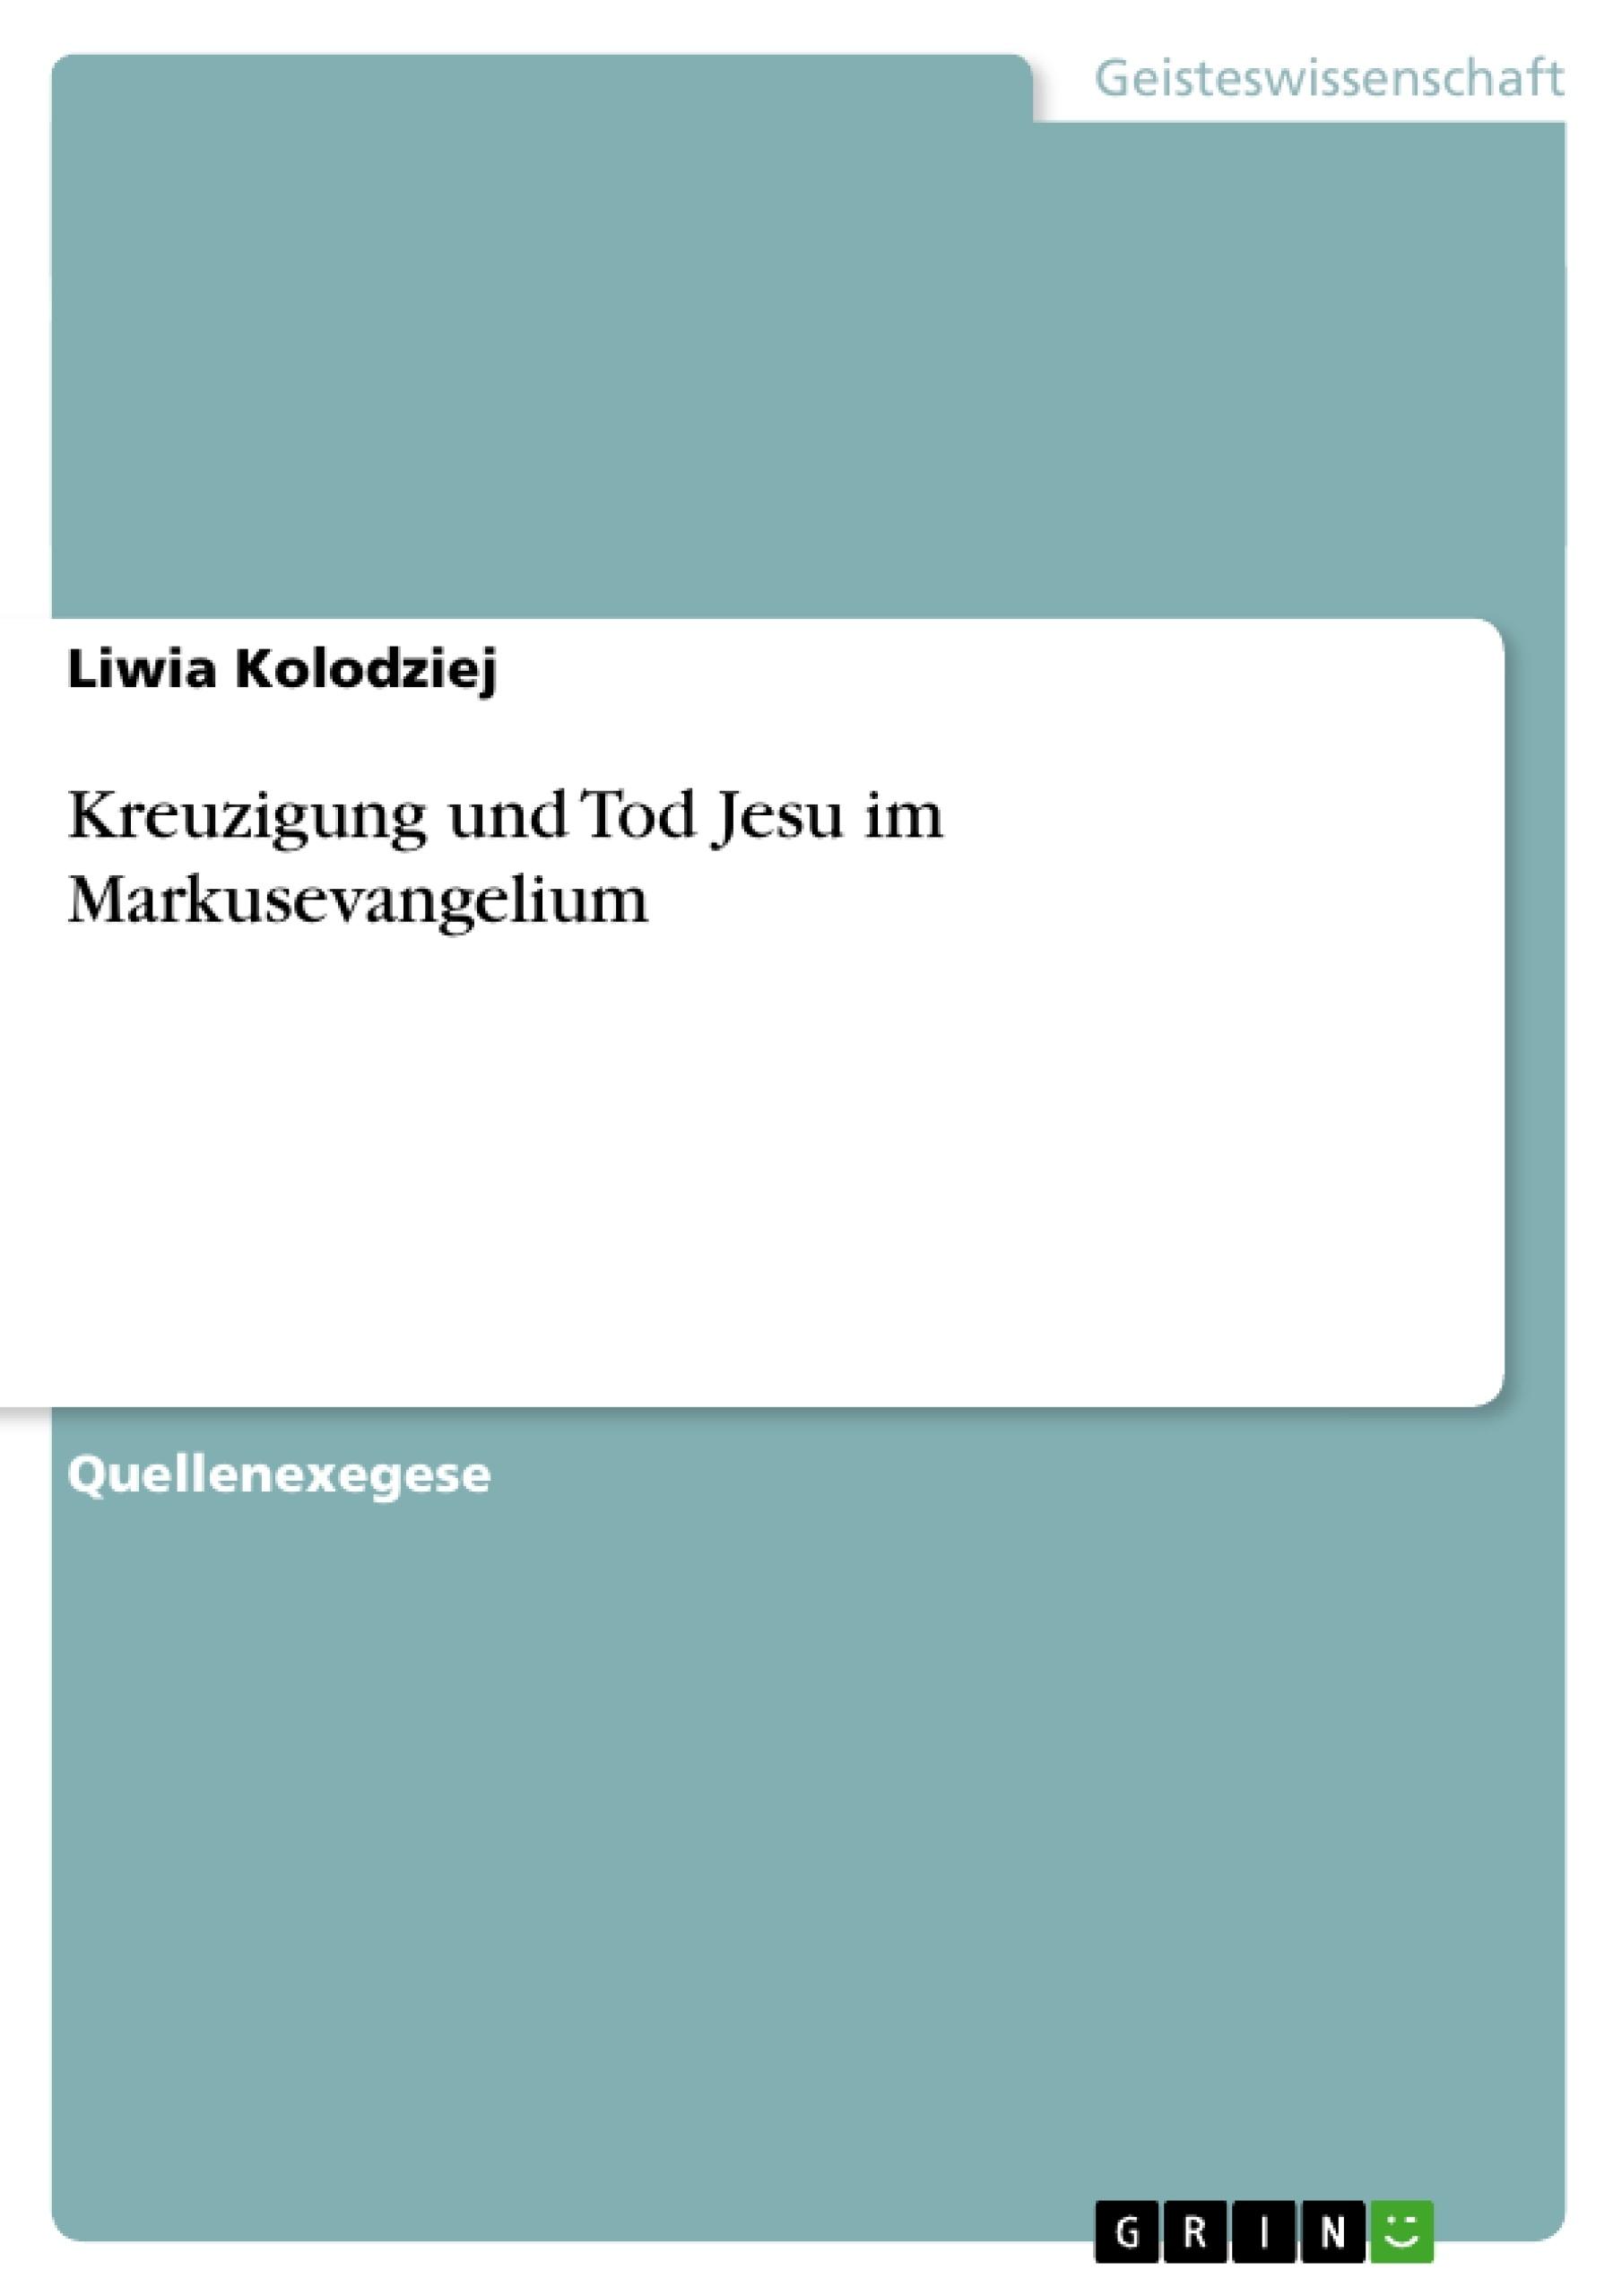 Titel: Kreuzigung und Tod Jesu im Markusevangelium